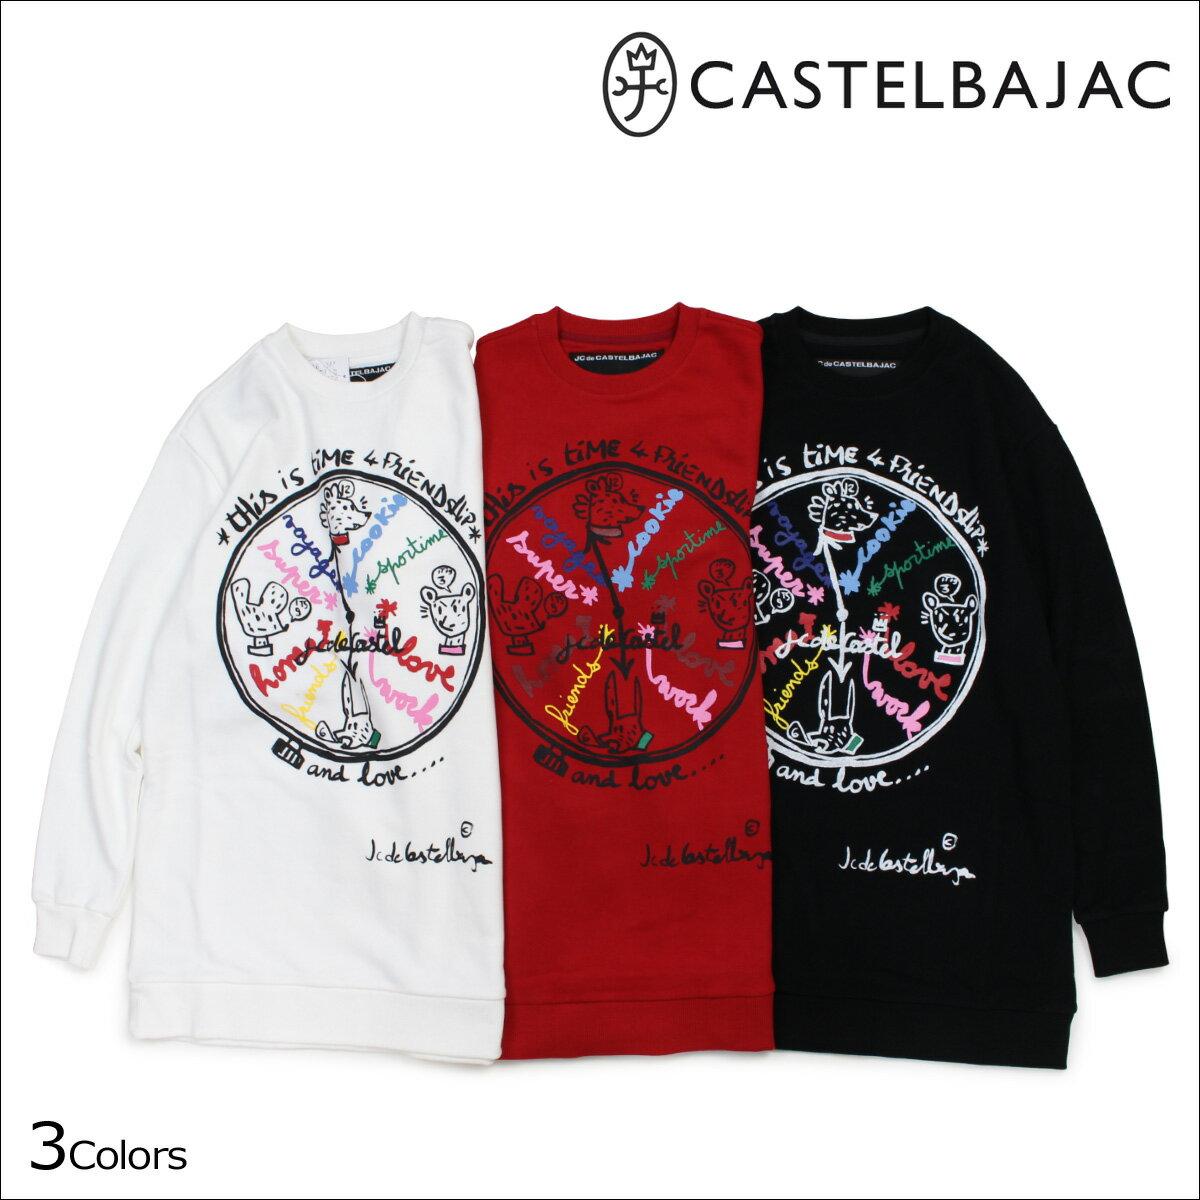 CASTELBAJAC カステルバジャック スウェット トレーナー レディース チュニック ホワイト レッド ブラック